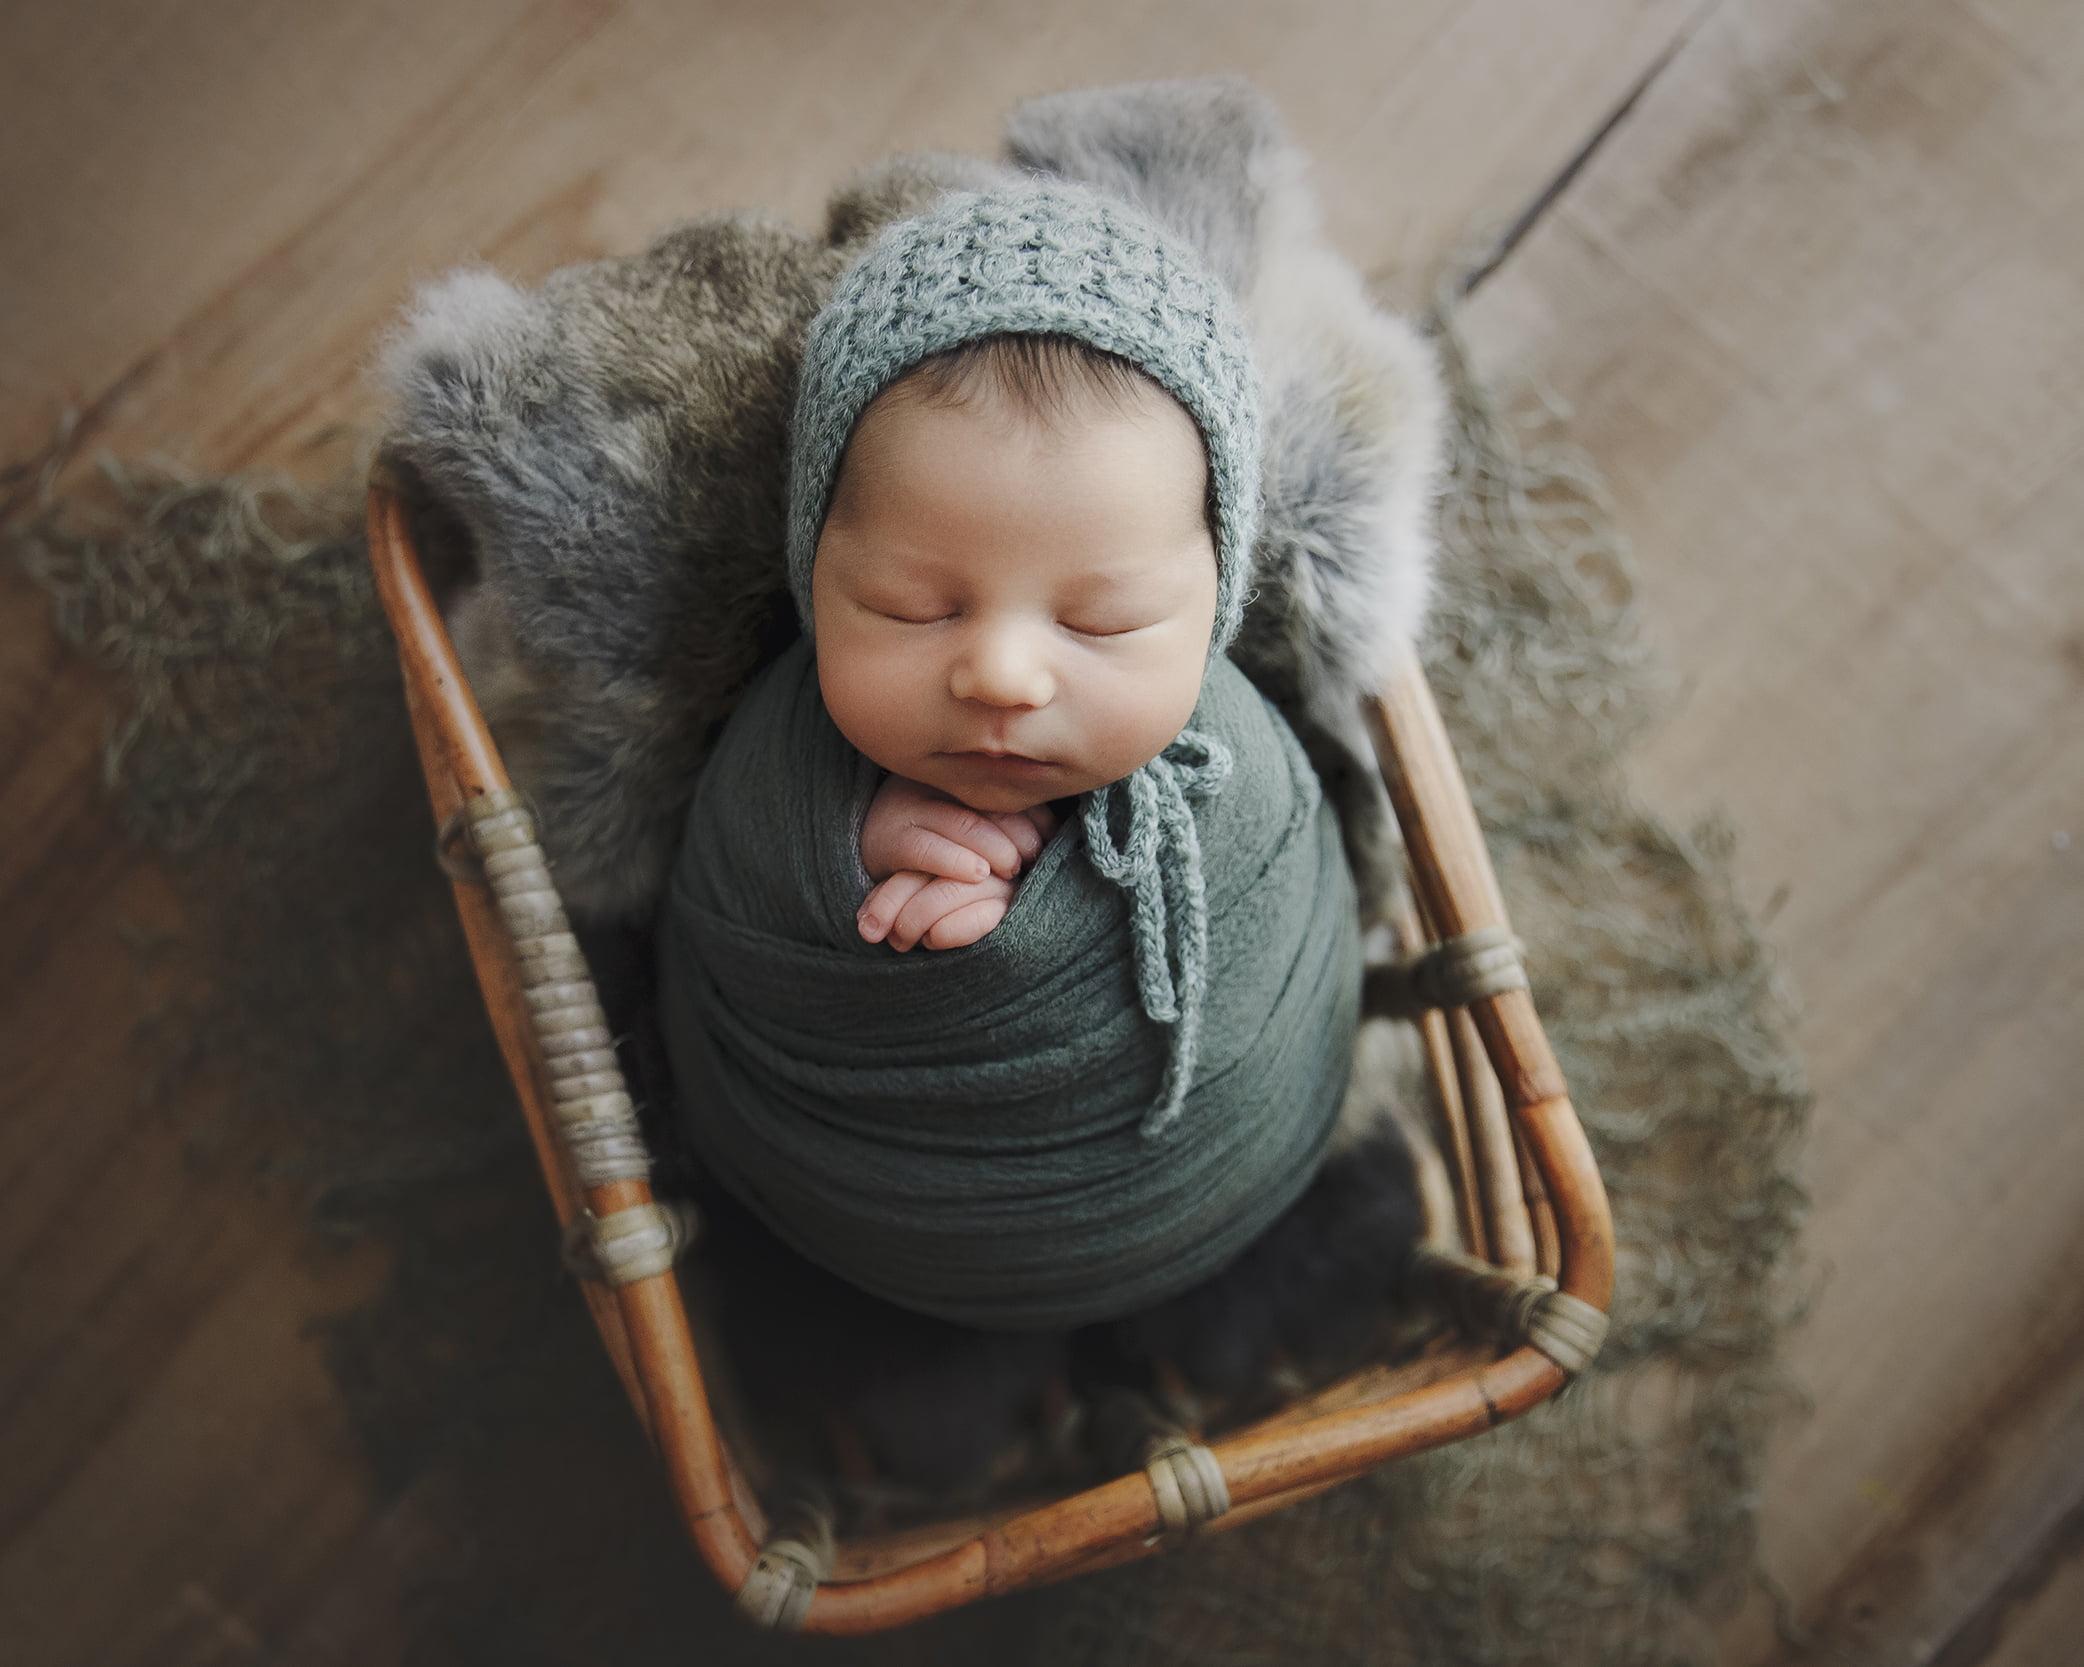 sedinta-foto-bebe-nou-nascut-madalina-vasile-bucuresti-fotograf